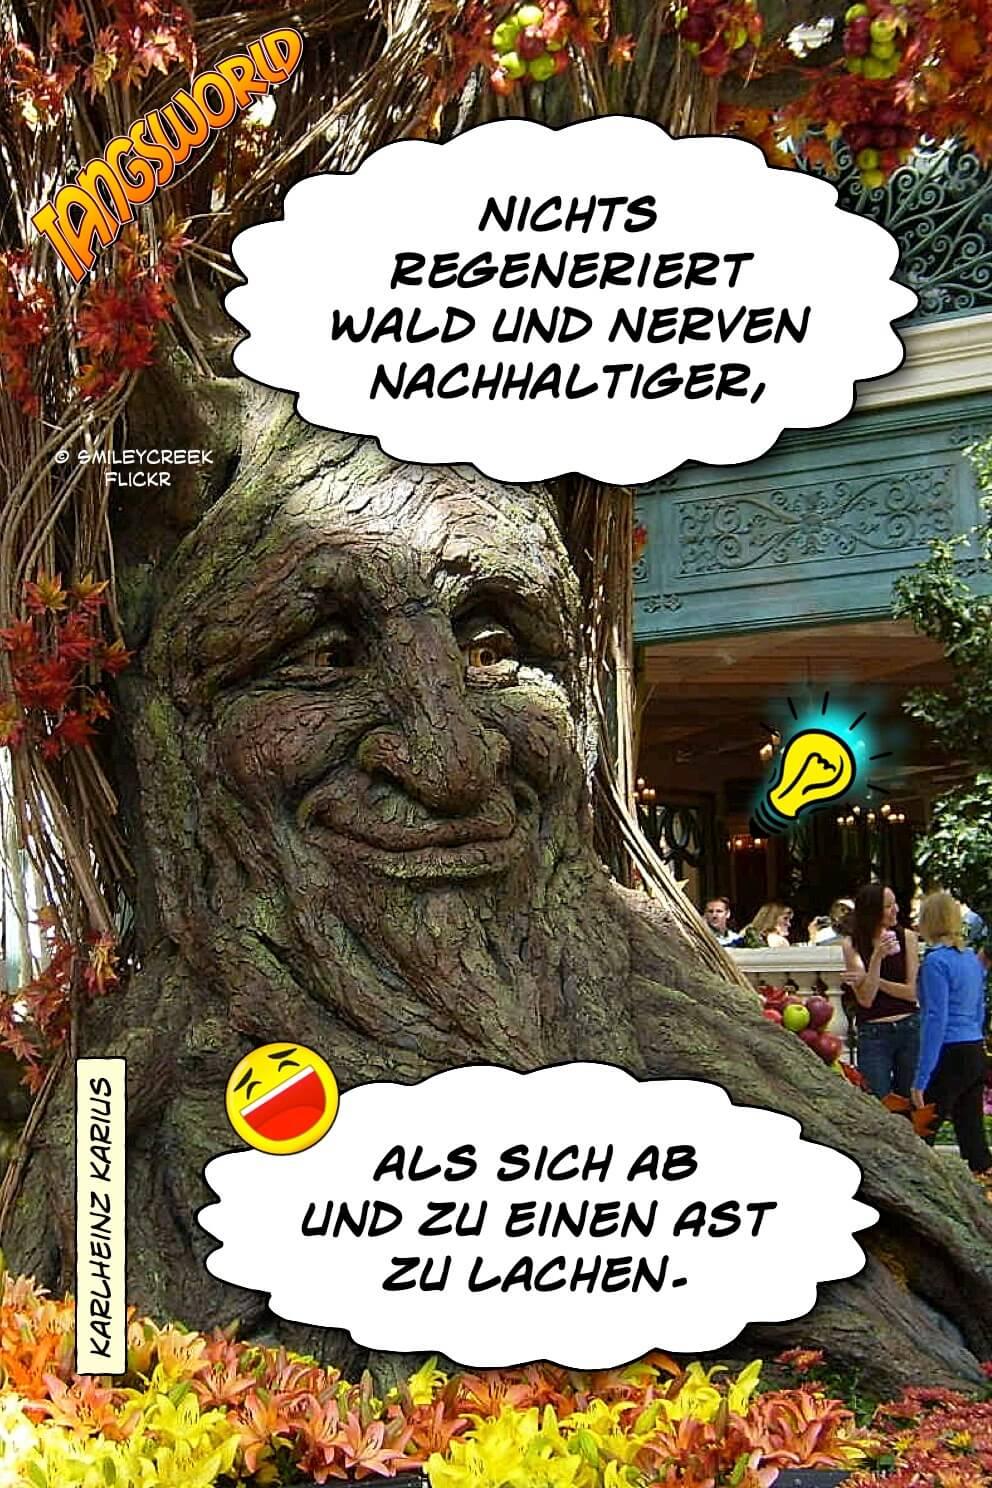 Nichts regeneriert Wald und Nerven nachhaltiger, als sich ab und zu einen Ast zu lachen. - Geistes(bl)witze | KarlHeinz Karius